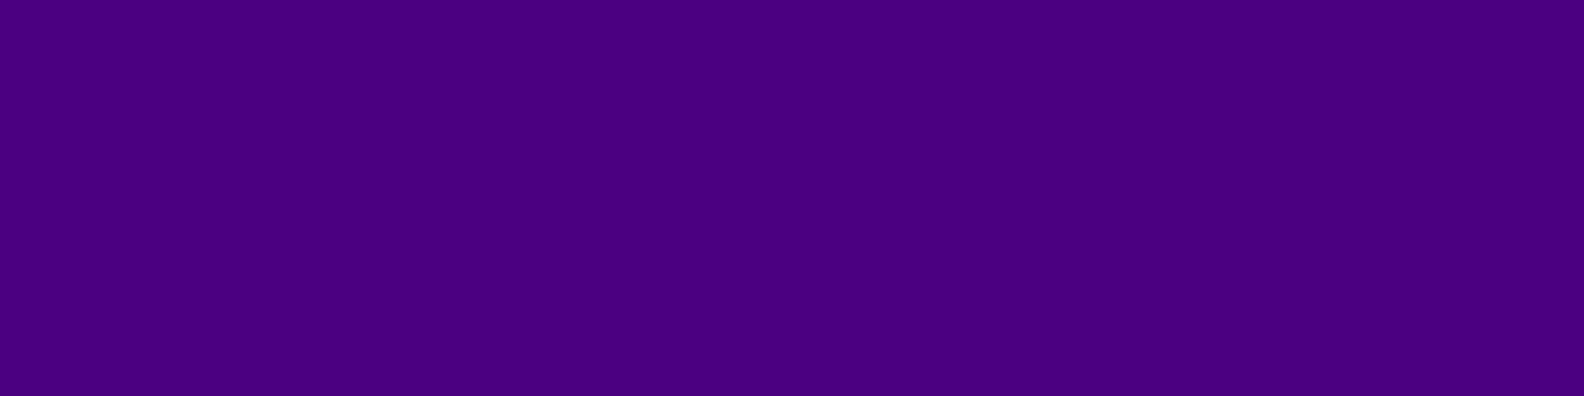 1584x396 Indigo Web Solid Color Background